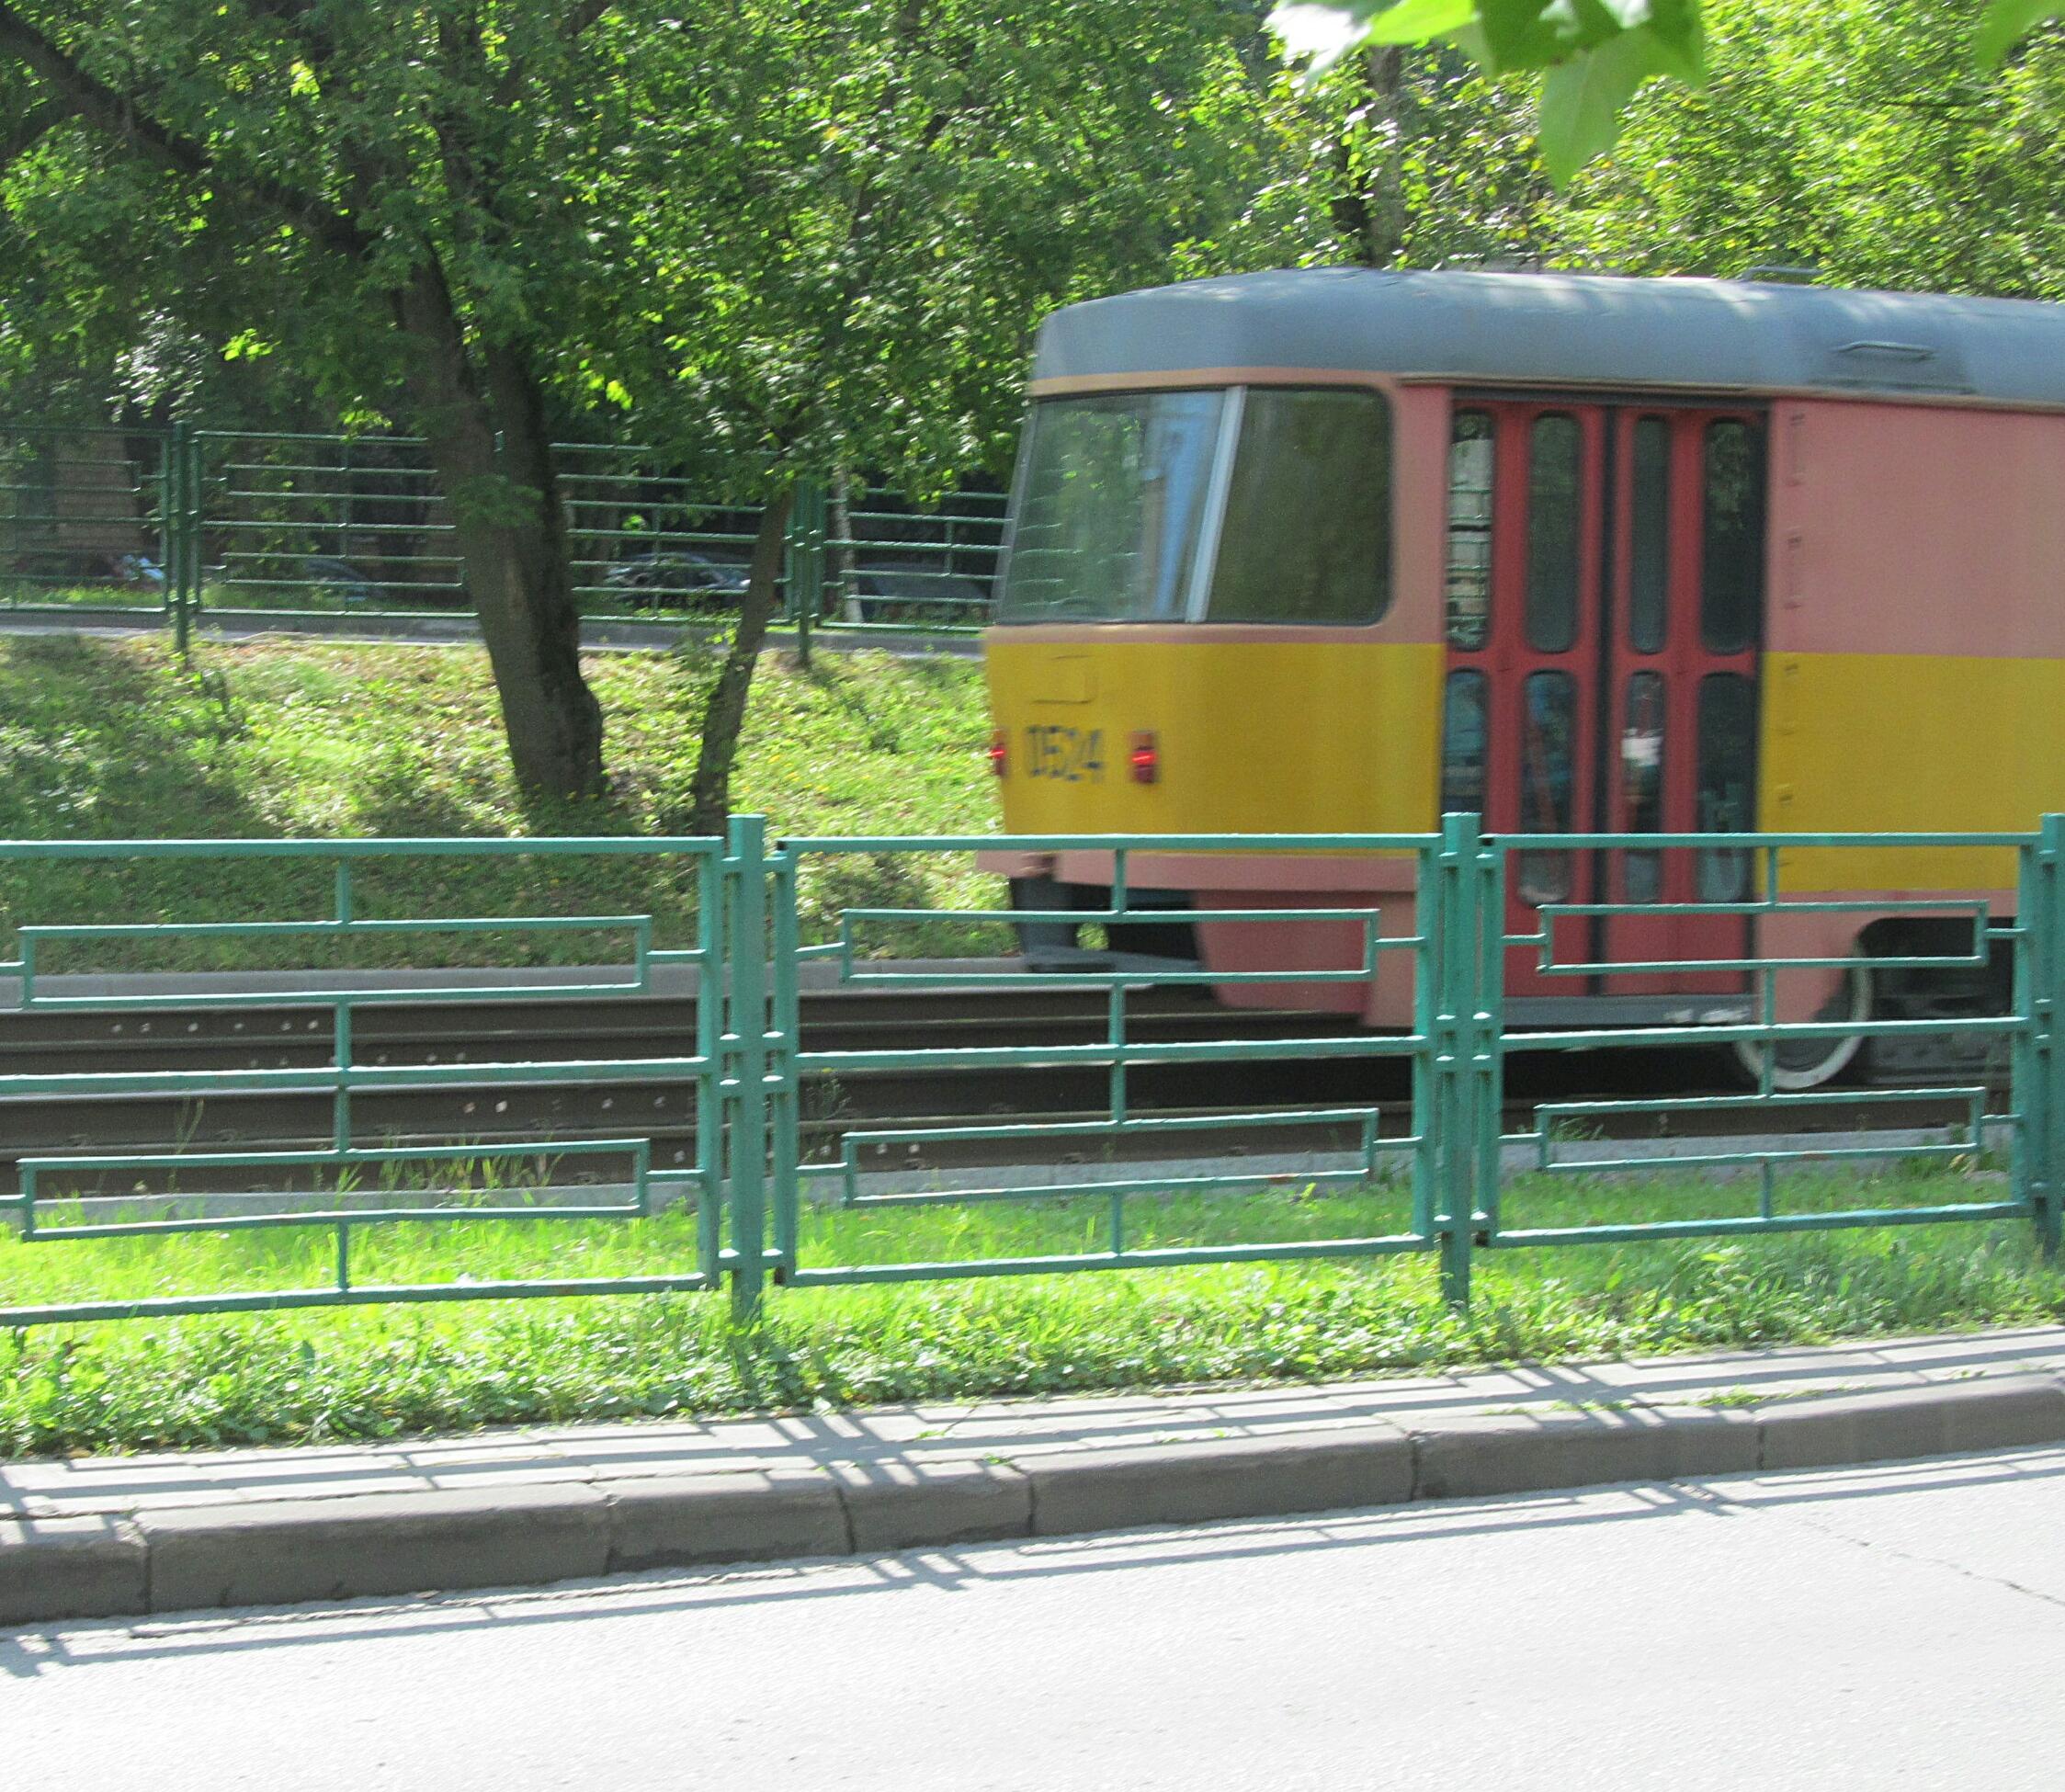 загадочный трамвай